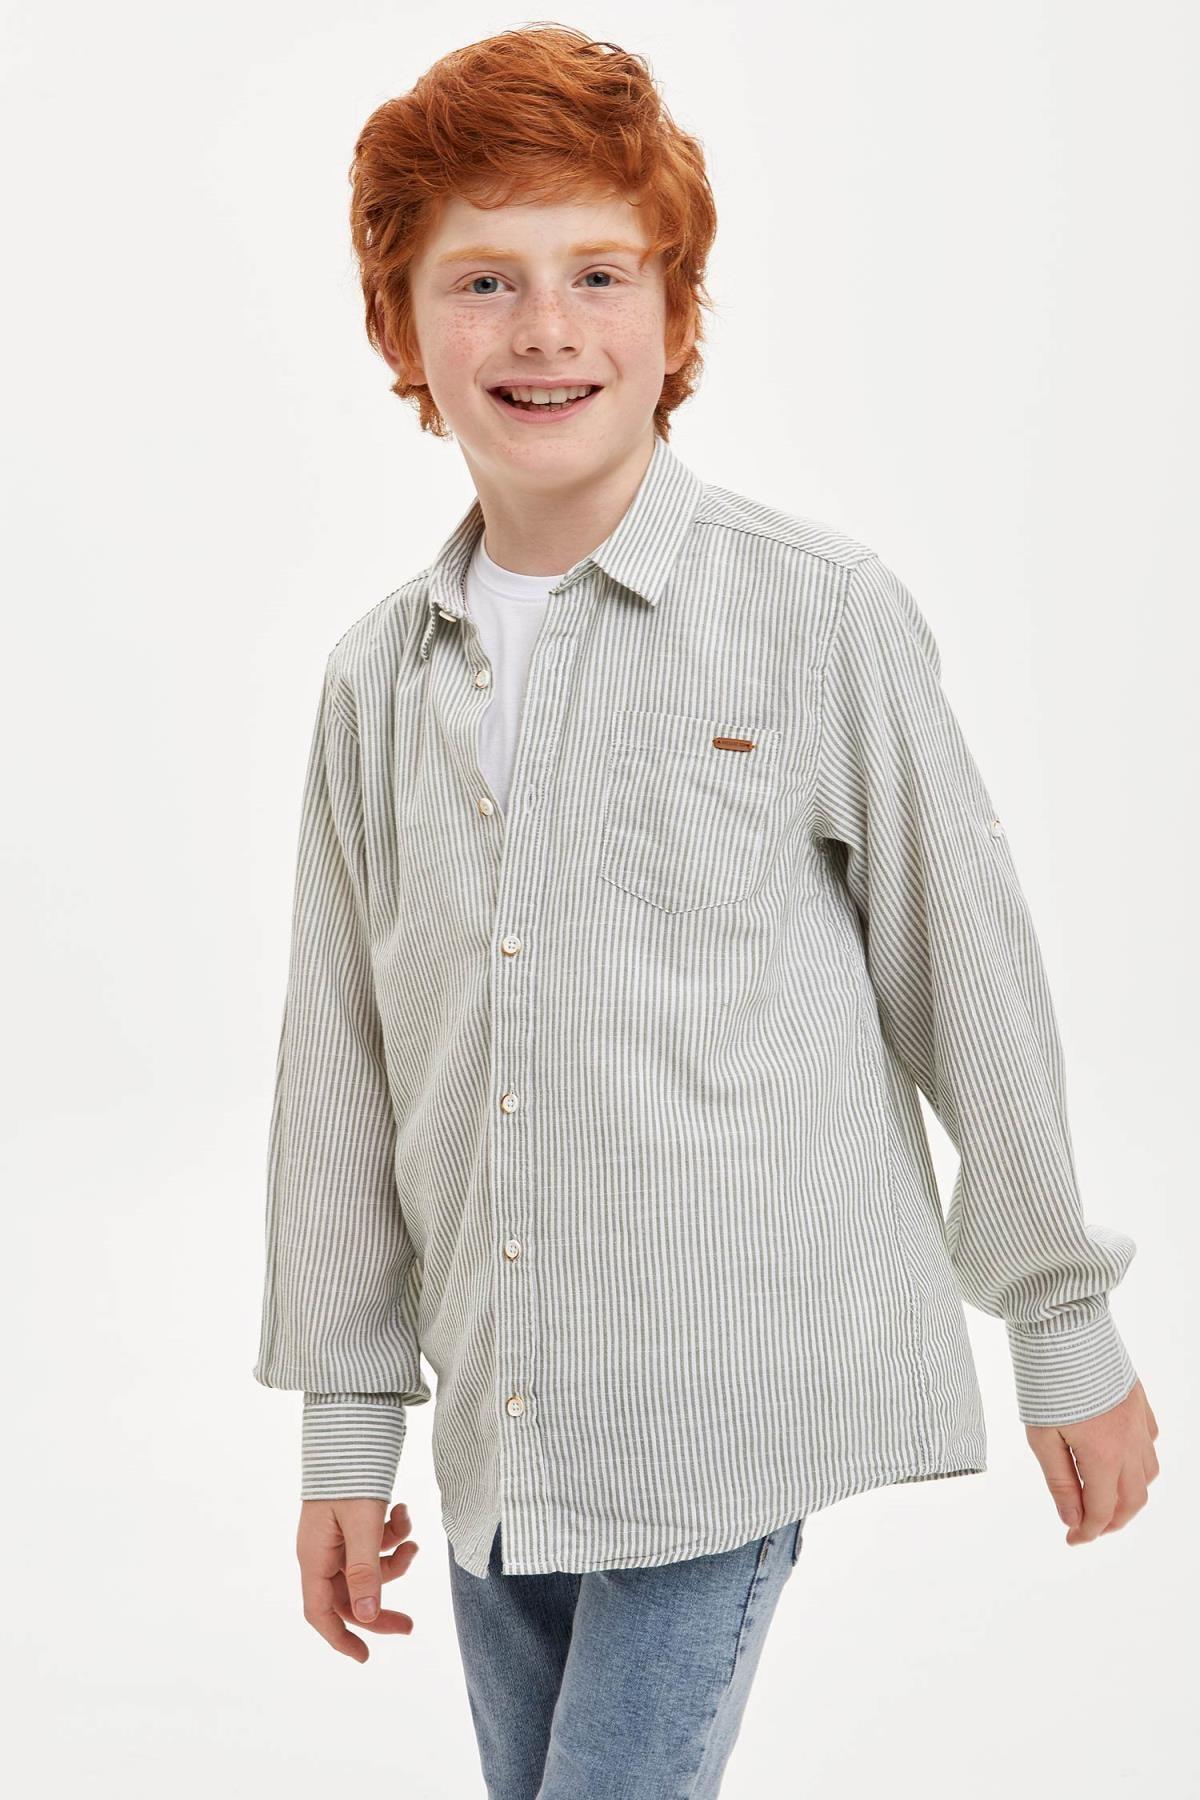 DeFacto Erkek Çocuk Çizgili Kolları Katlanabilir Keten Görünümlü Gömlek M4530A620SPK